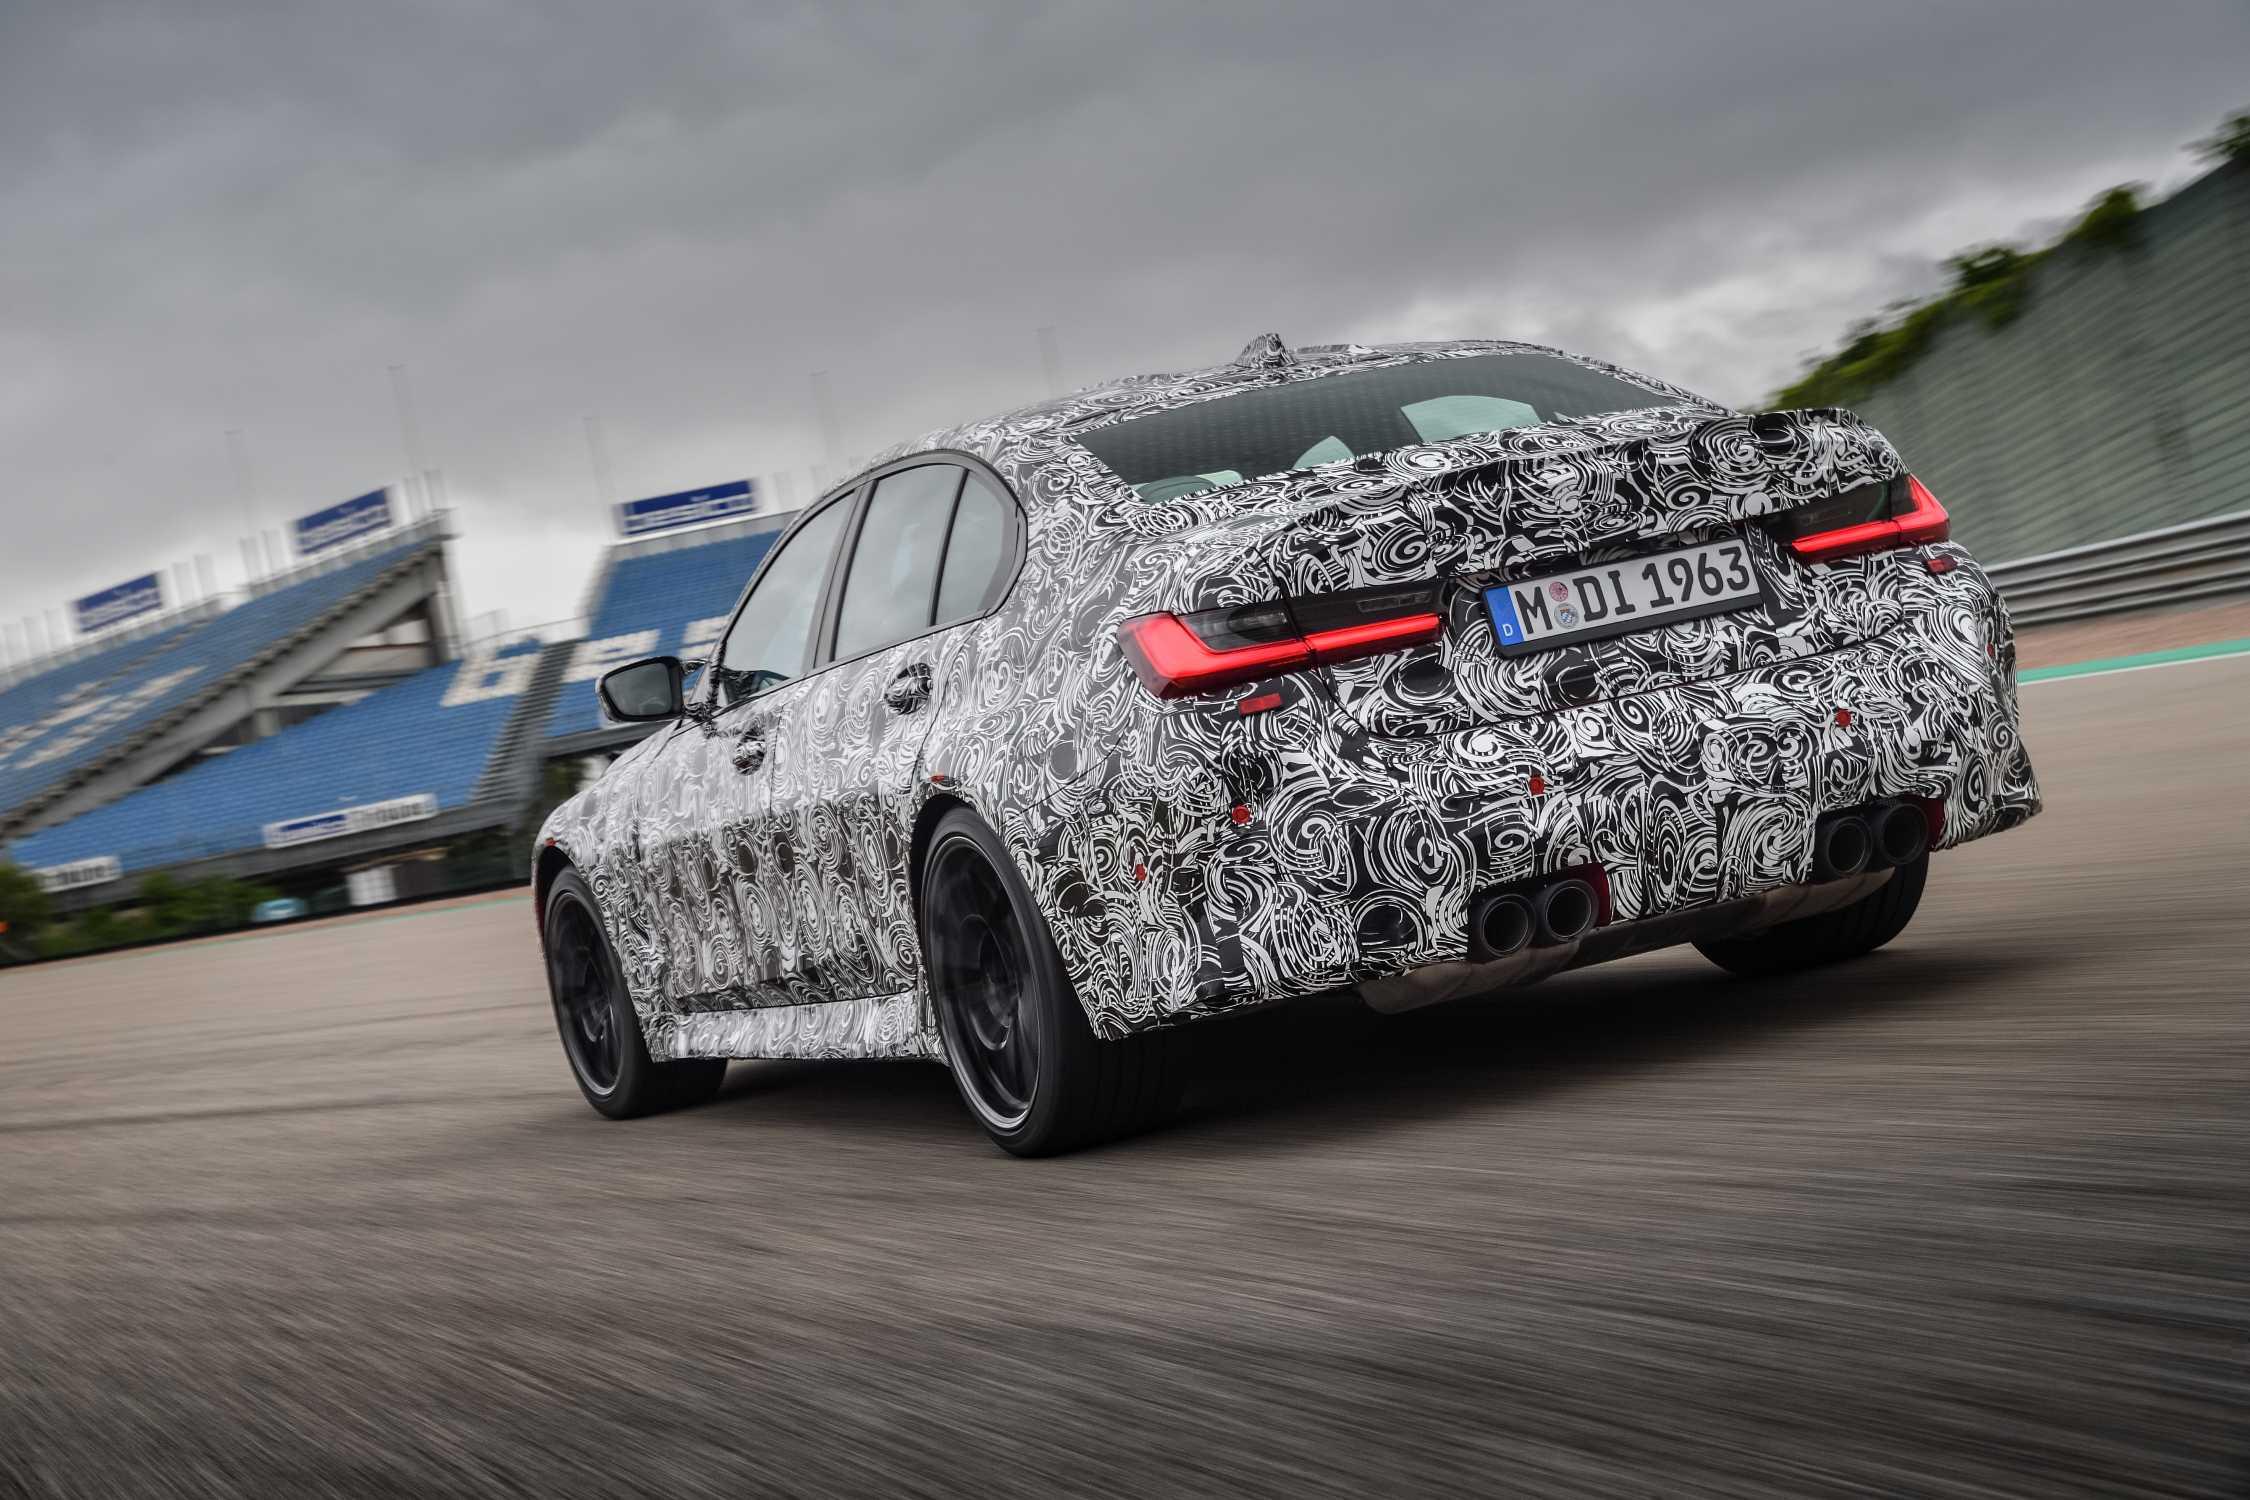 The new BMW M3 Sedan (07/2020).